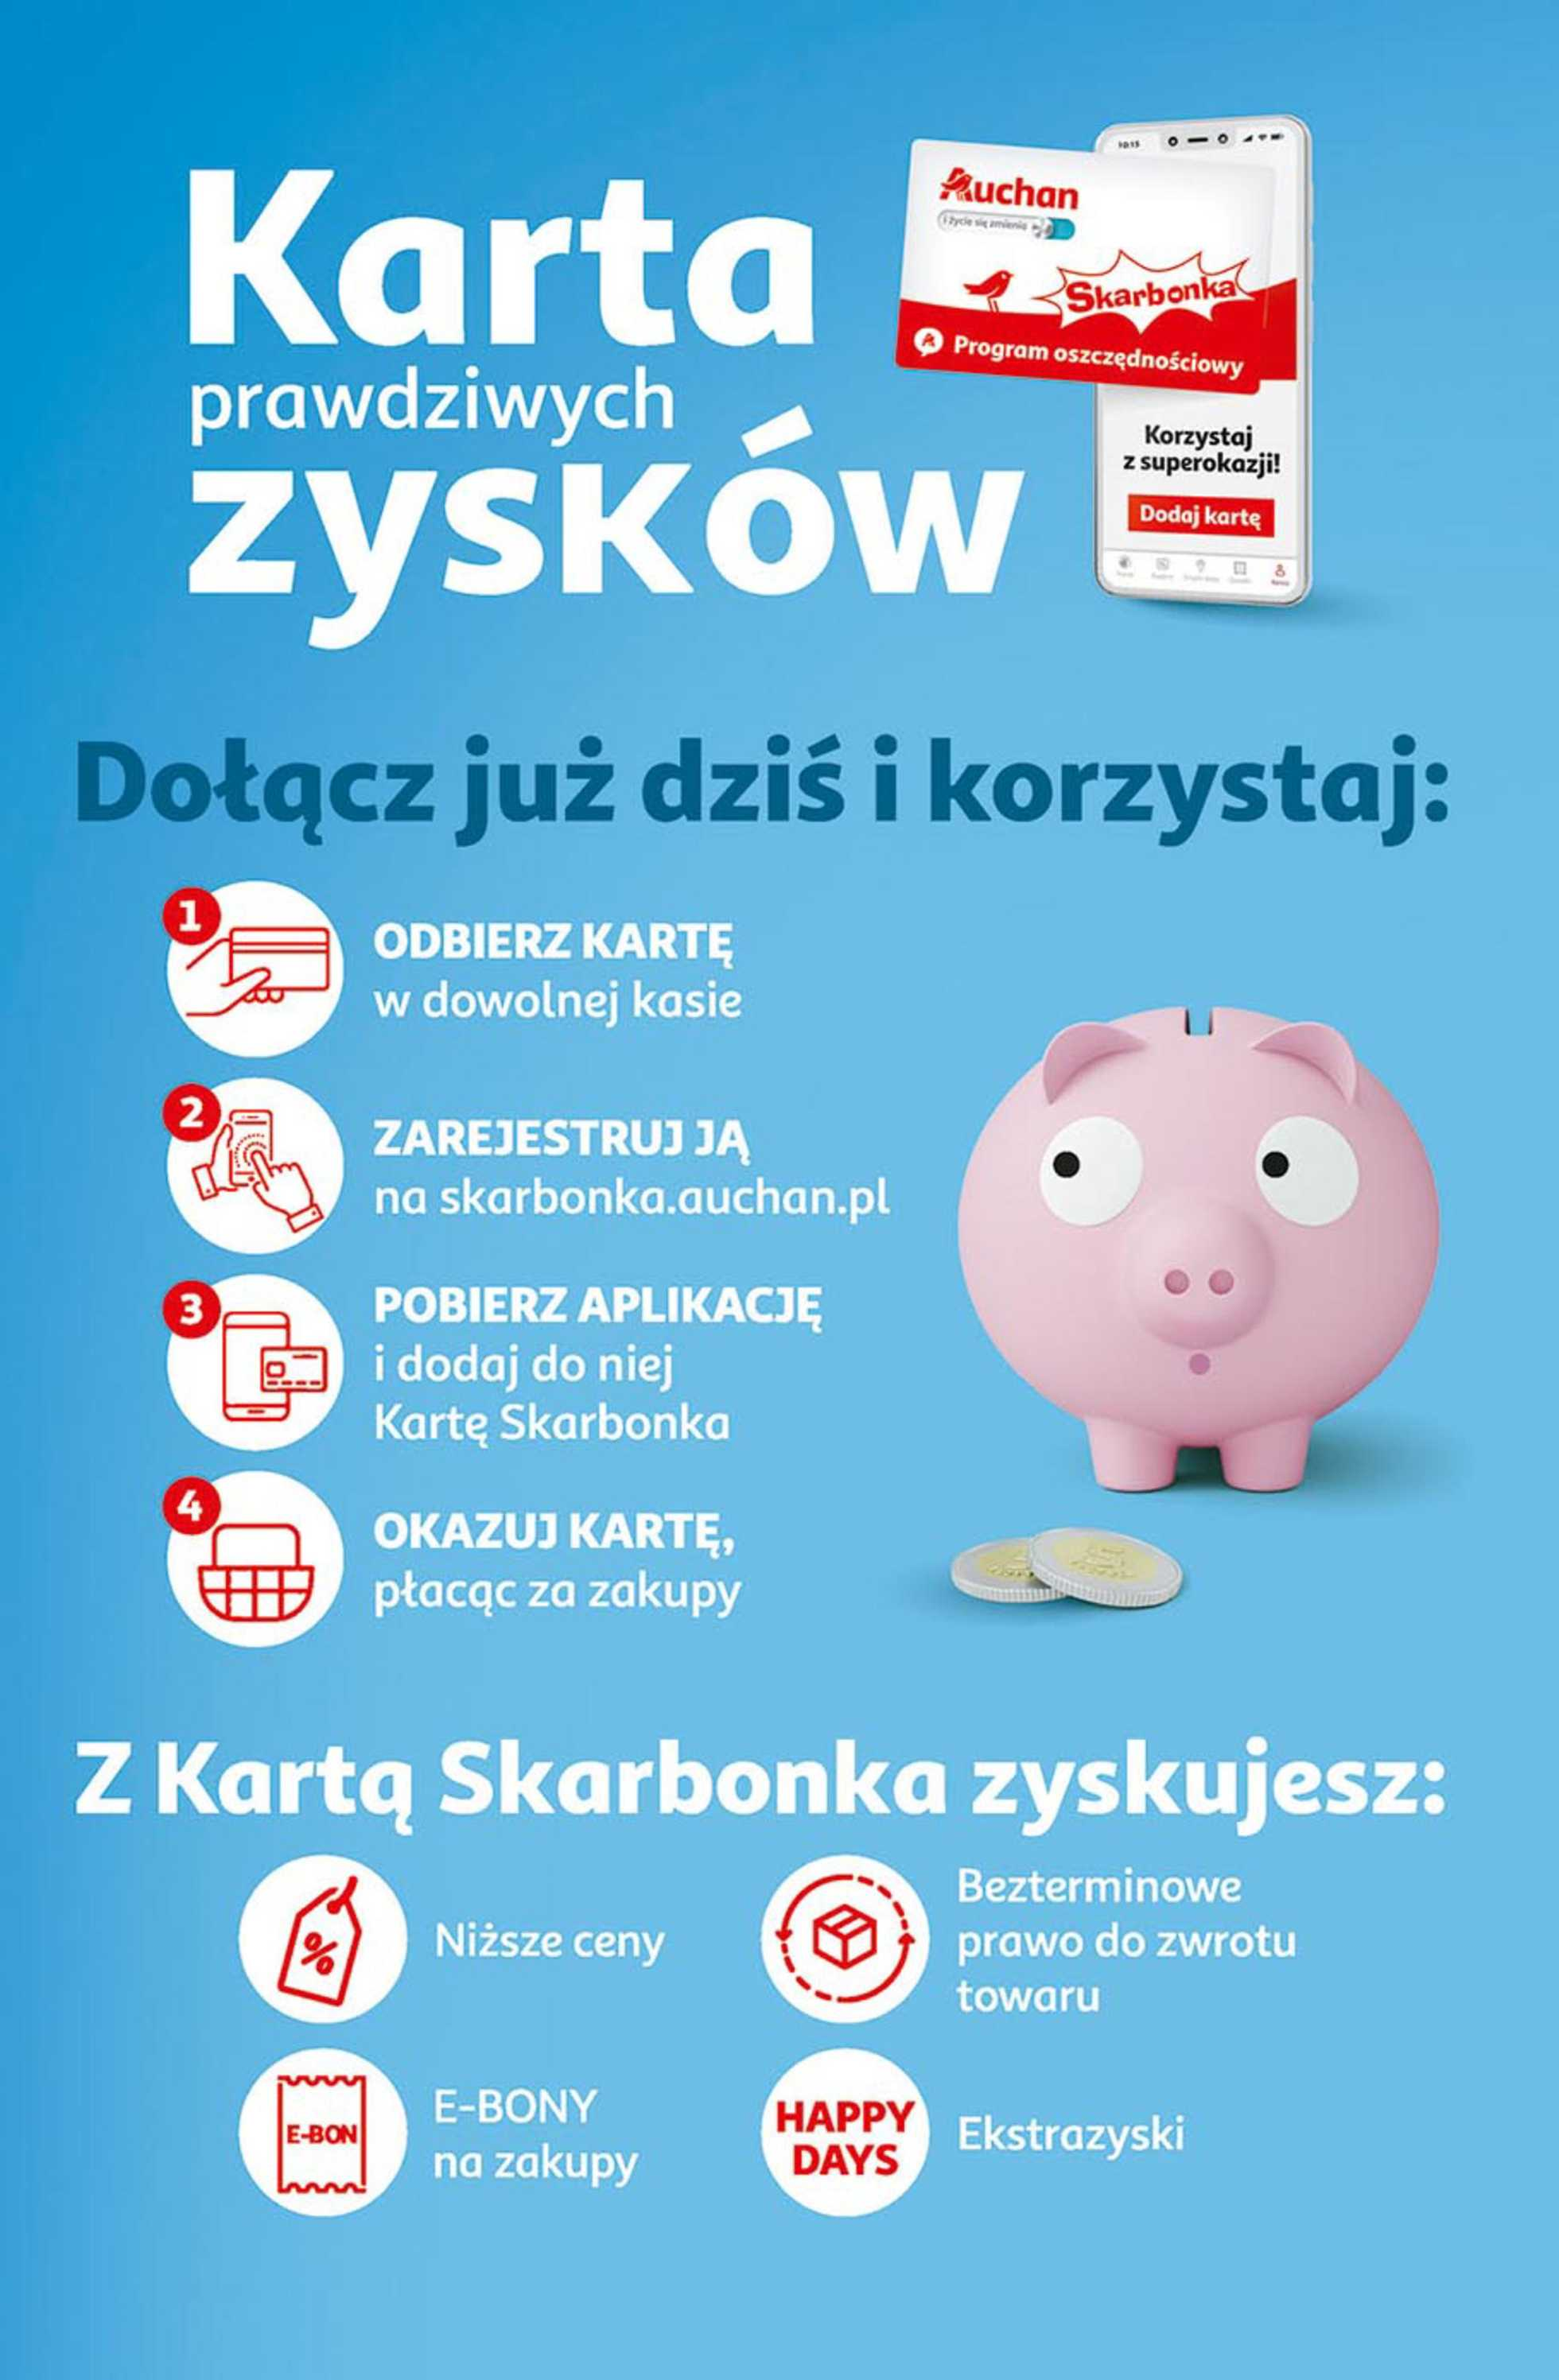 Auchan - gazetka promocyjna ważna od 17.09.2020 do 24.09.2020 - strona 2.